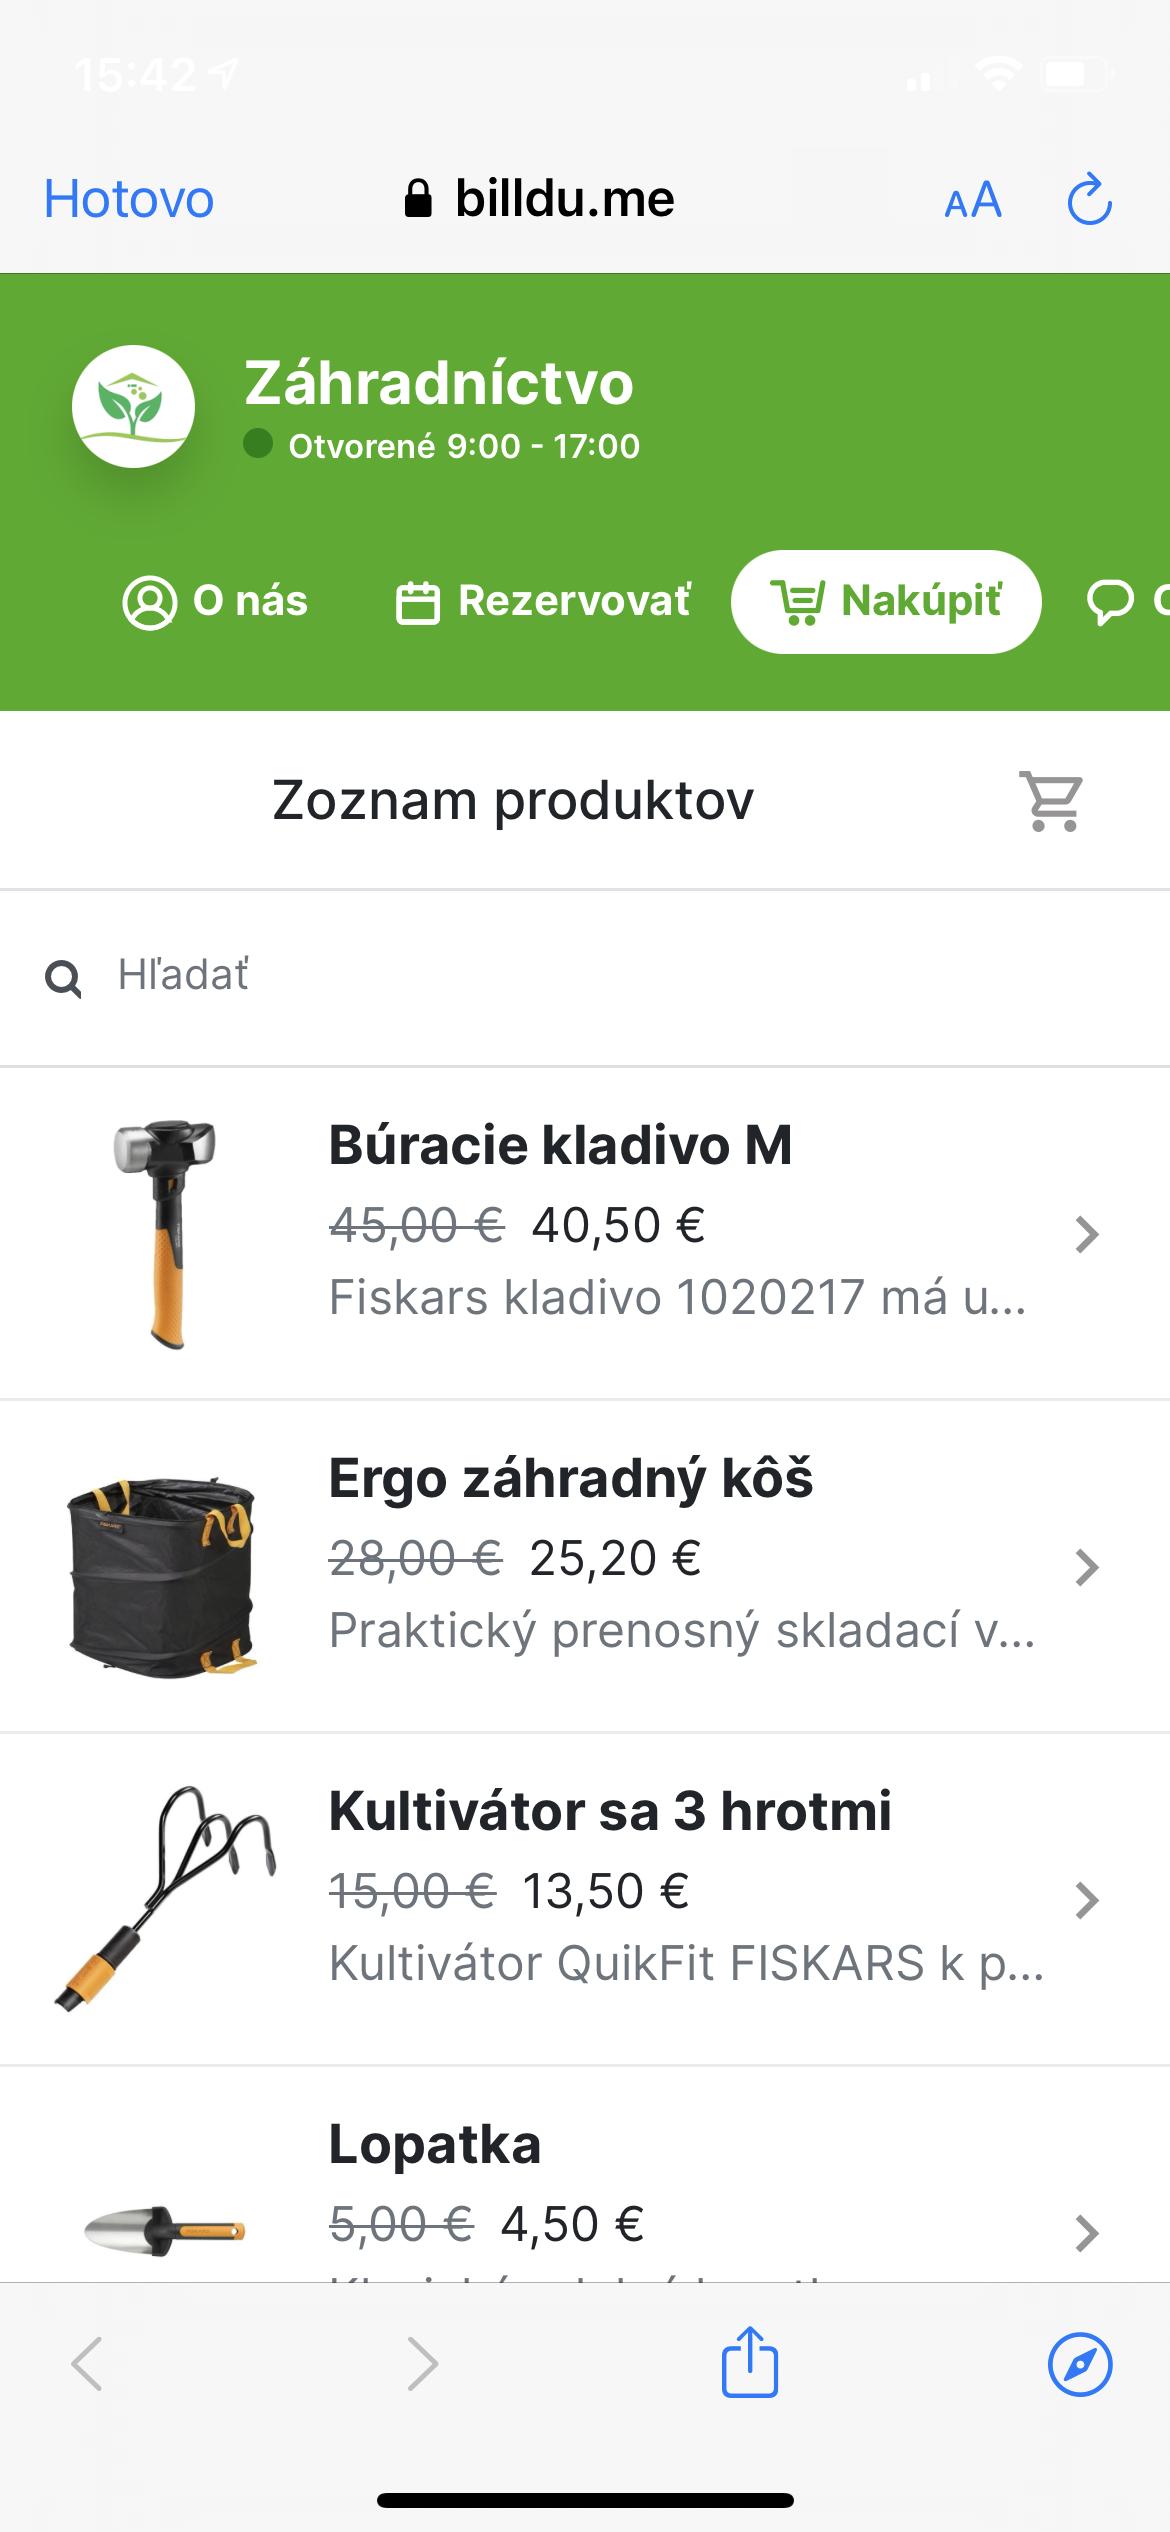 zoznam produktov